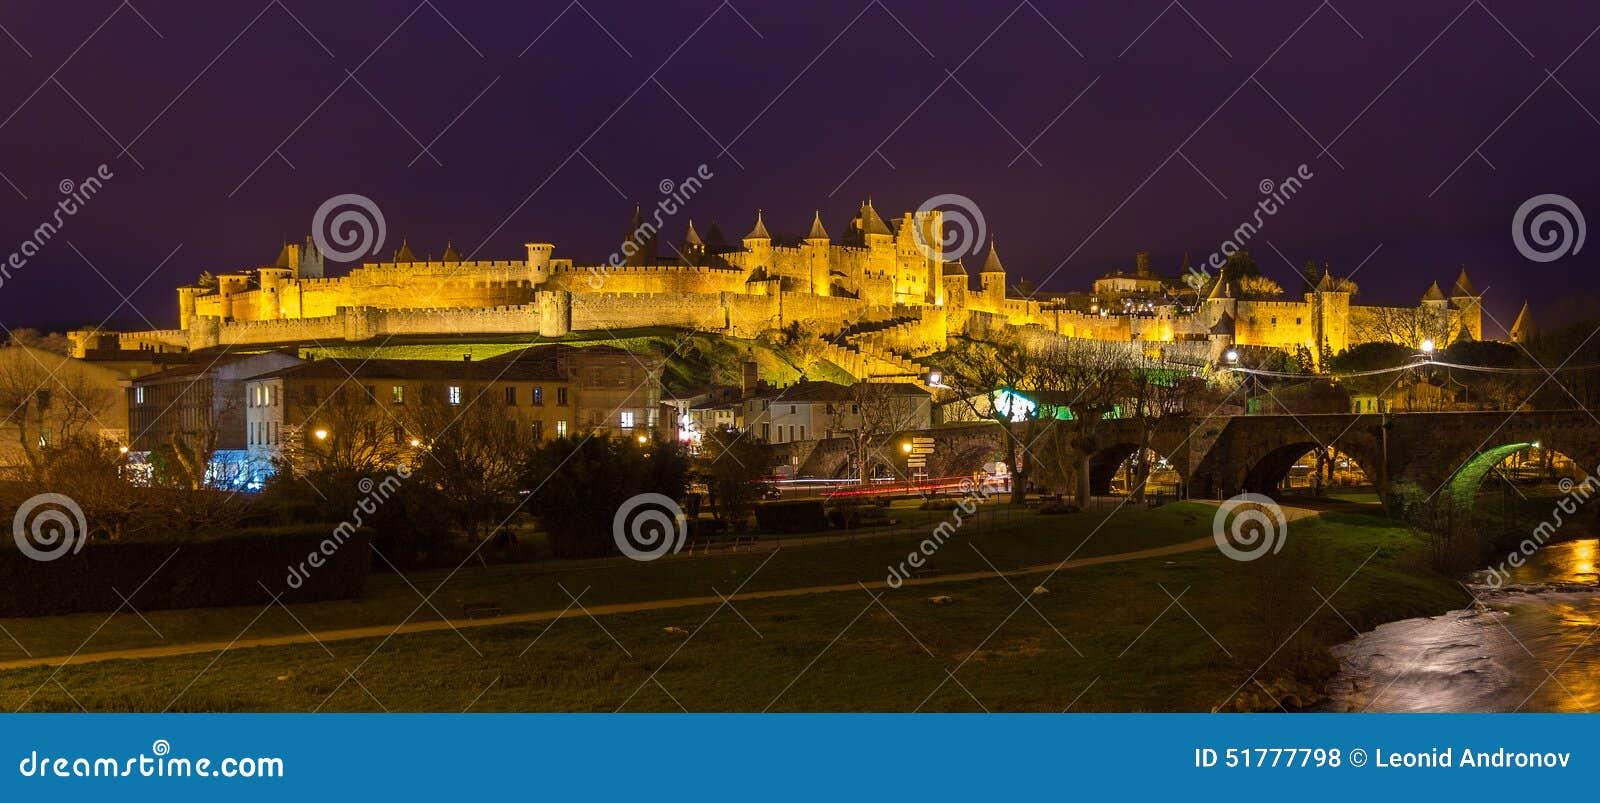 Πανόραμα νύχτας του φρουρίου του Carcassonne - Γαλλία